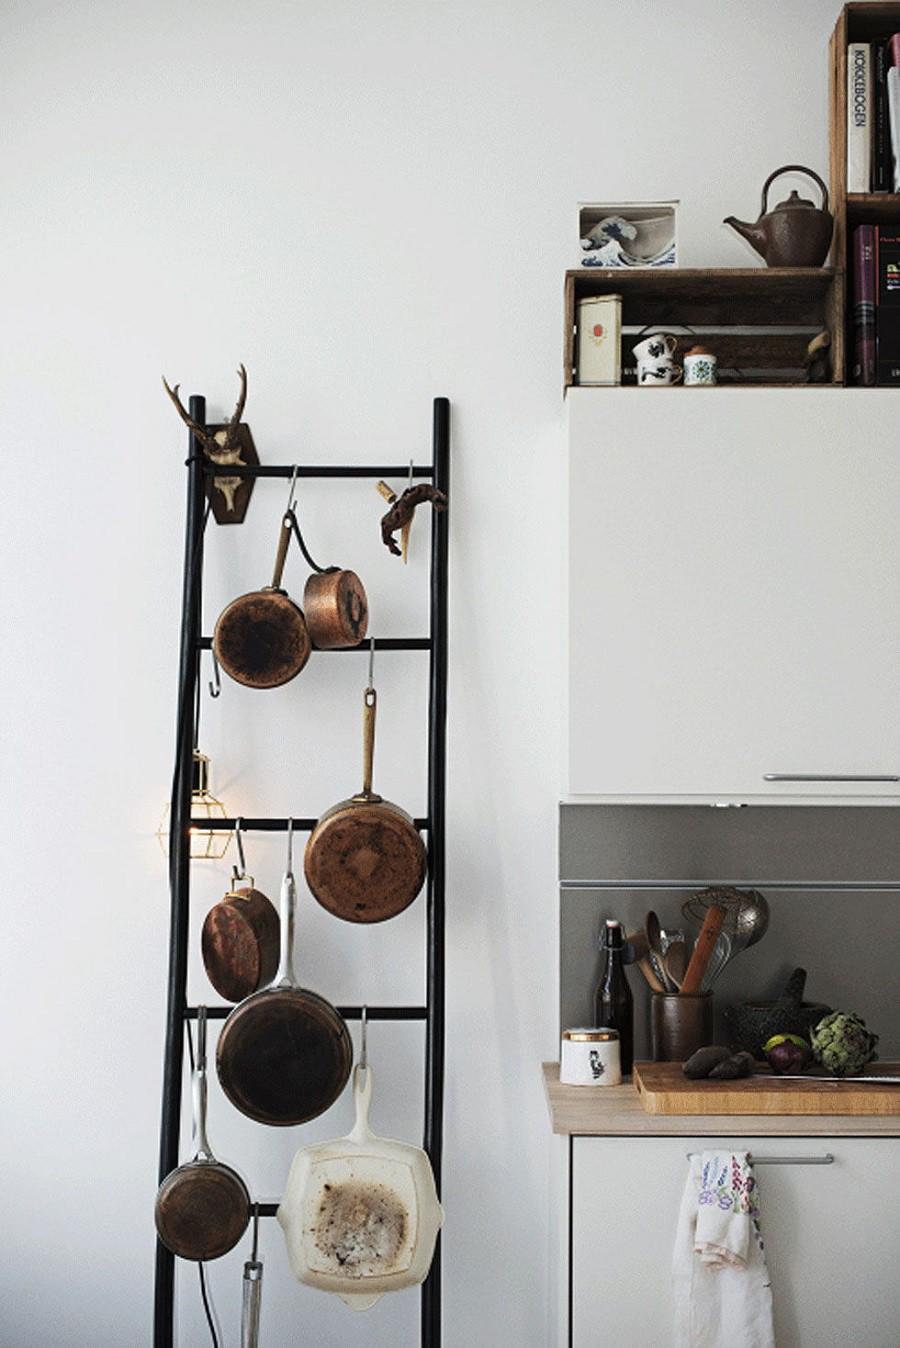 Muốn tủ bếp lúc nào cũng gọn gàng, ngăn nắp hãy tham khảo ngay những thiết kế lưu trữ đồ dùng làm bếp này - Ảnh 6.